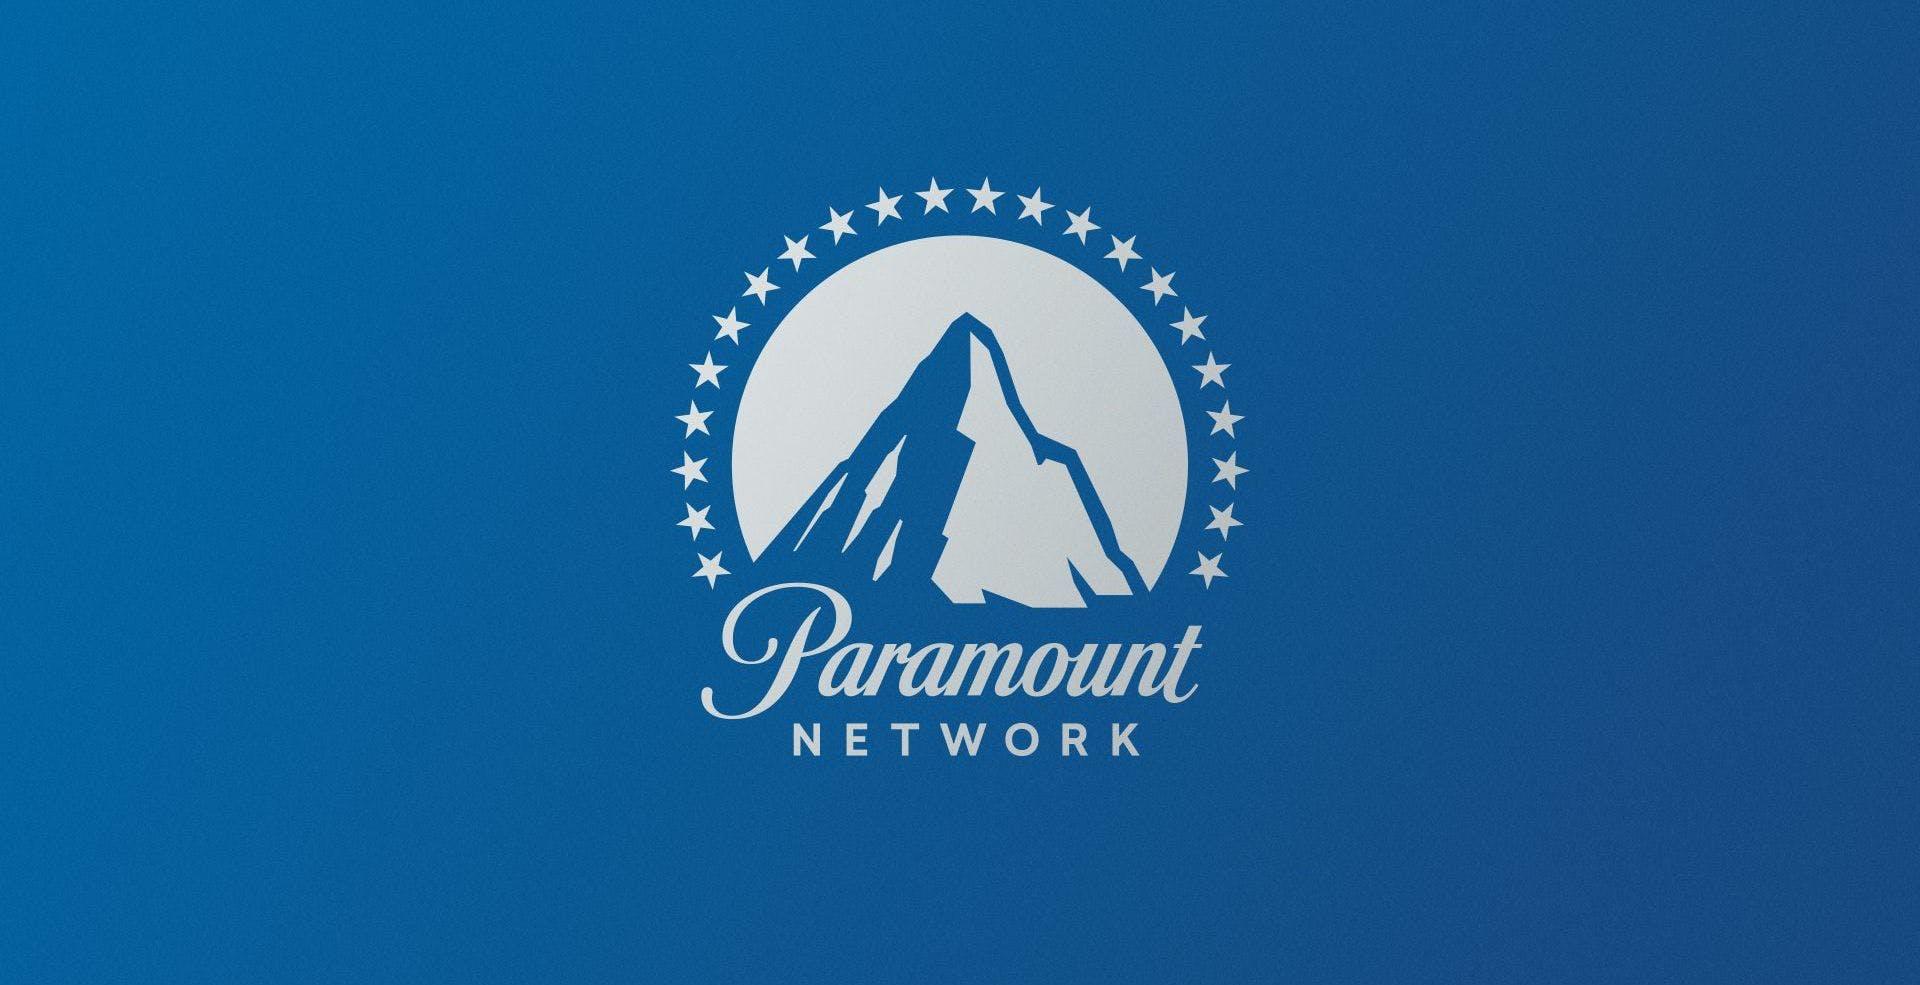 Paramount Network HD è arrivato su tivùsat: sostituirà la versione standard